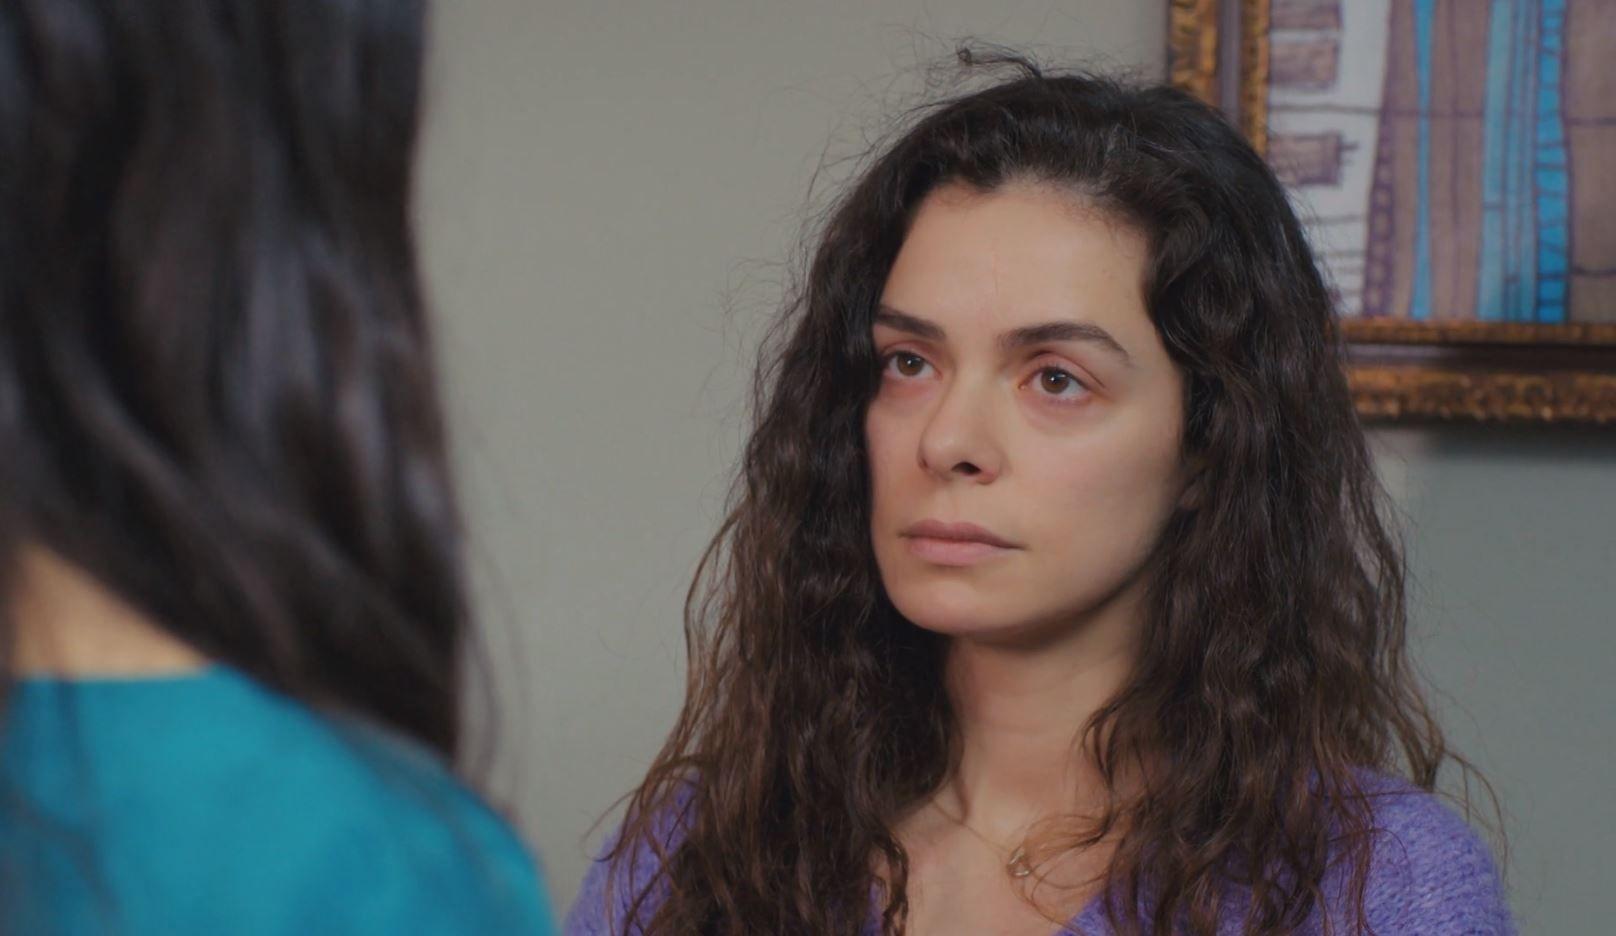 Antena 3 estrena el episodio 56 de la serie turca 'Mujer'